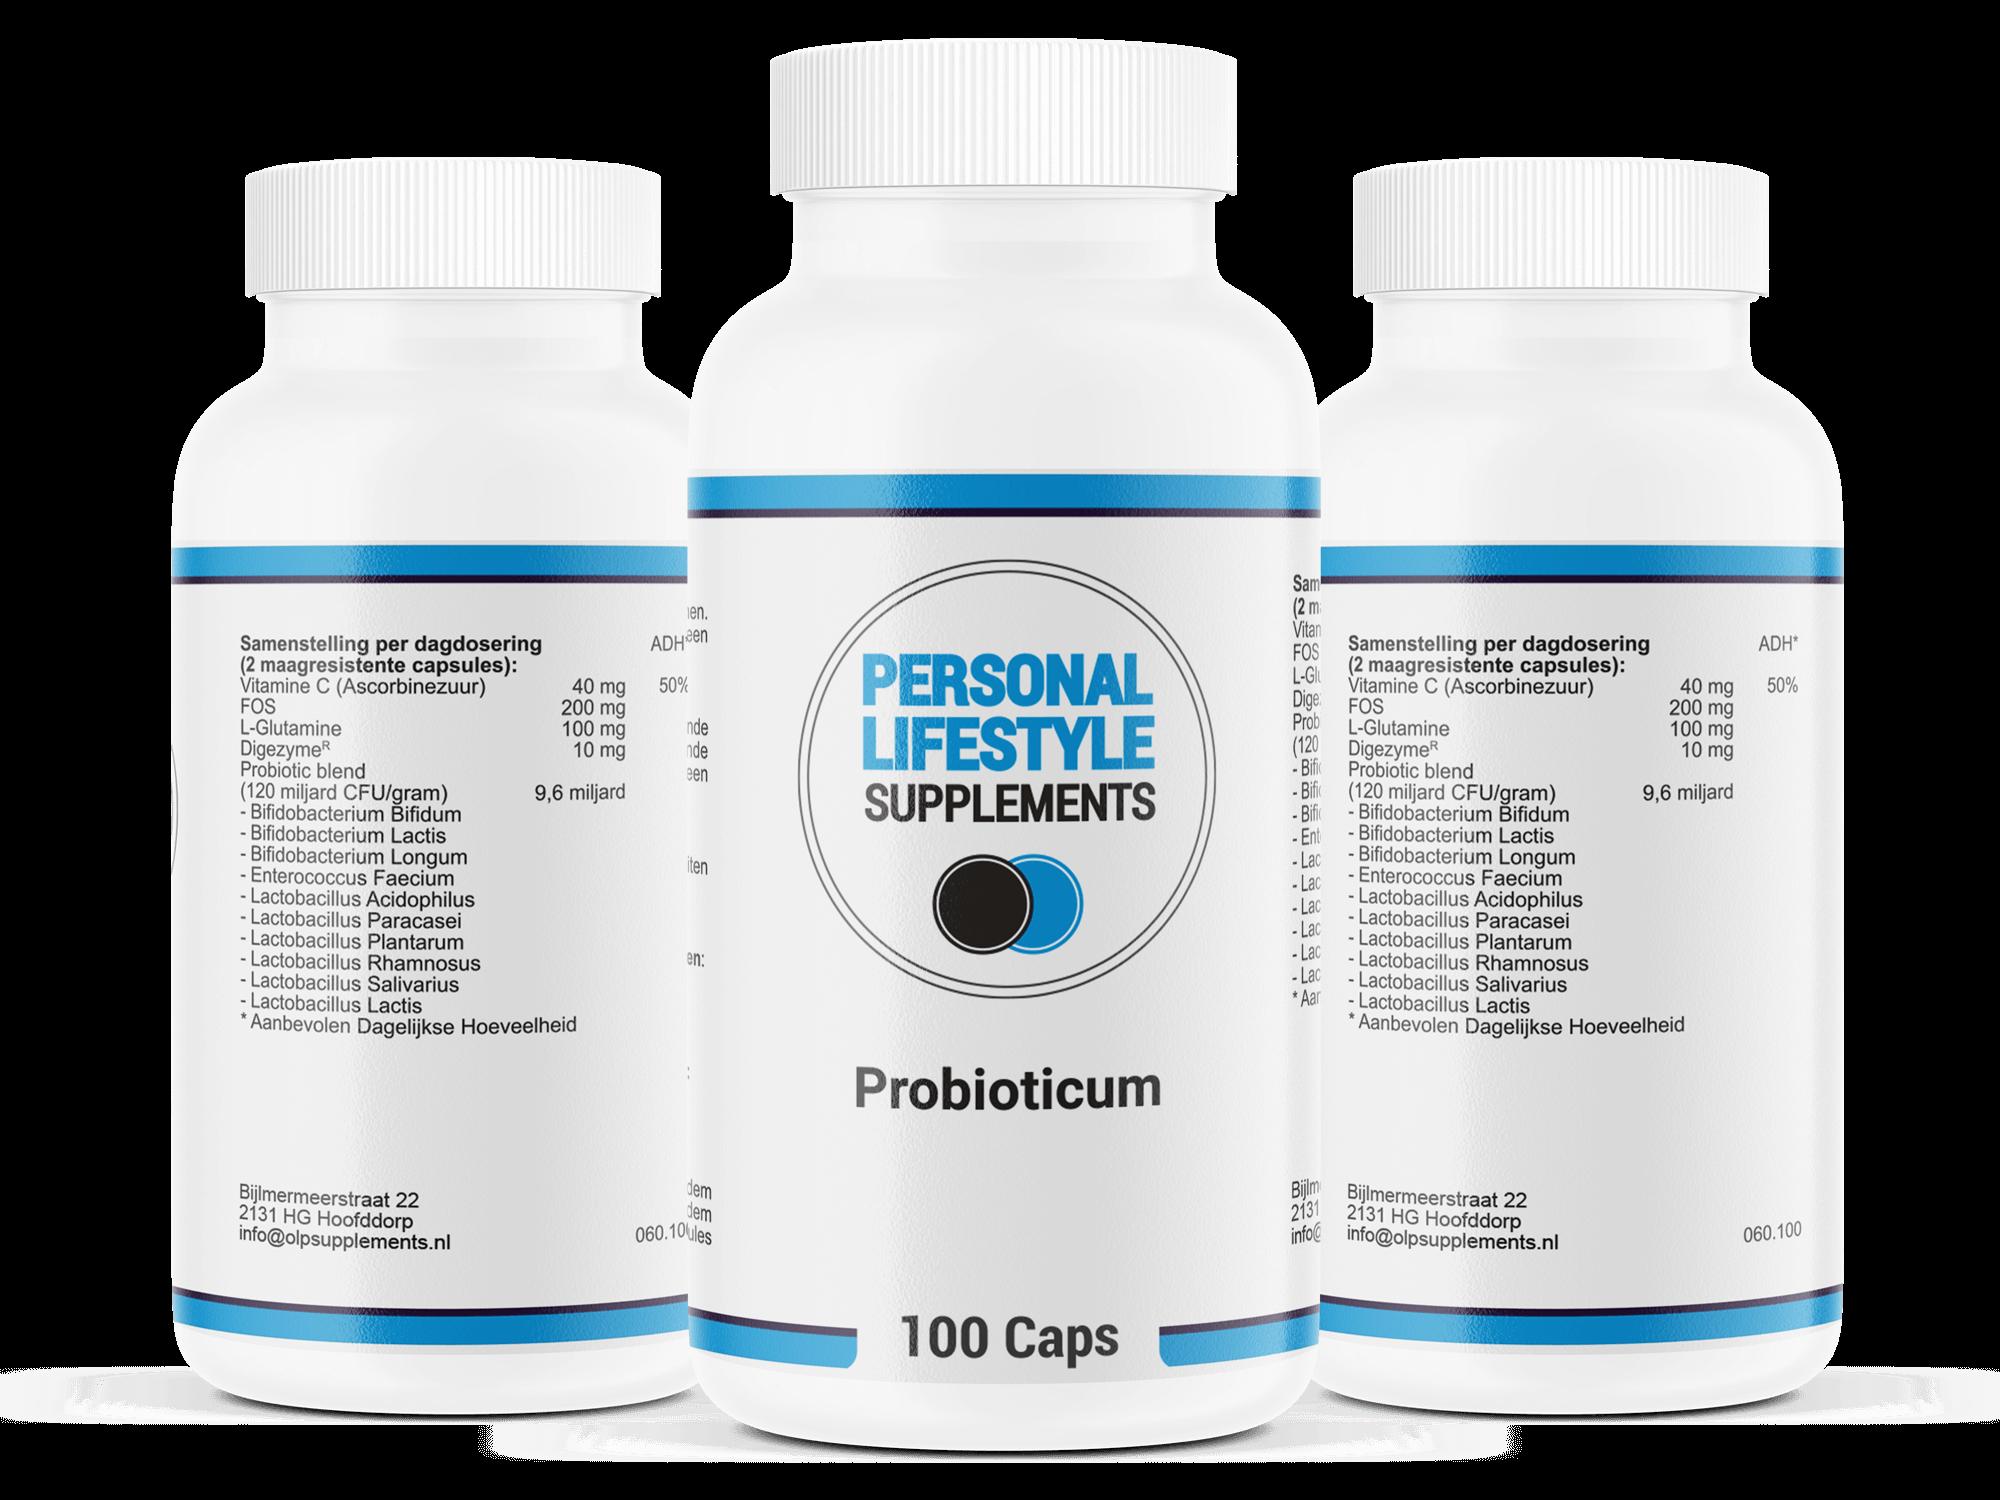 Probioticum-probiotica-supplement-maag-en-darmen-hoge-concentratie-bacteriën-optimale-werking-pillen-capsules